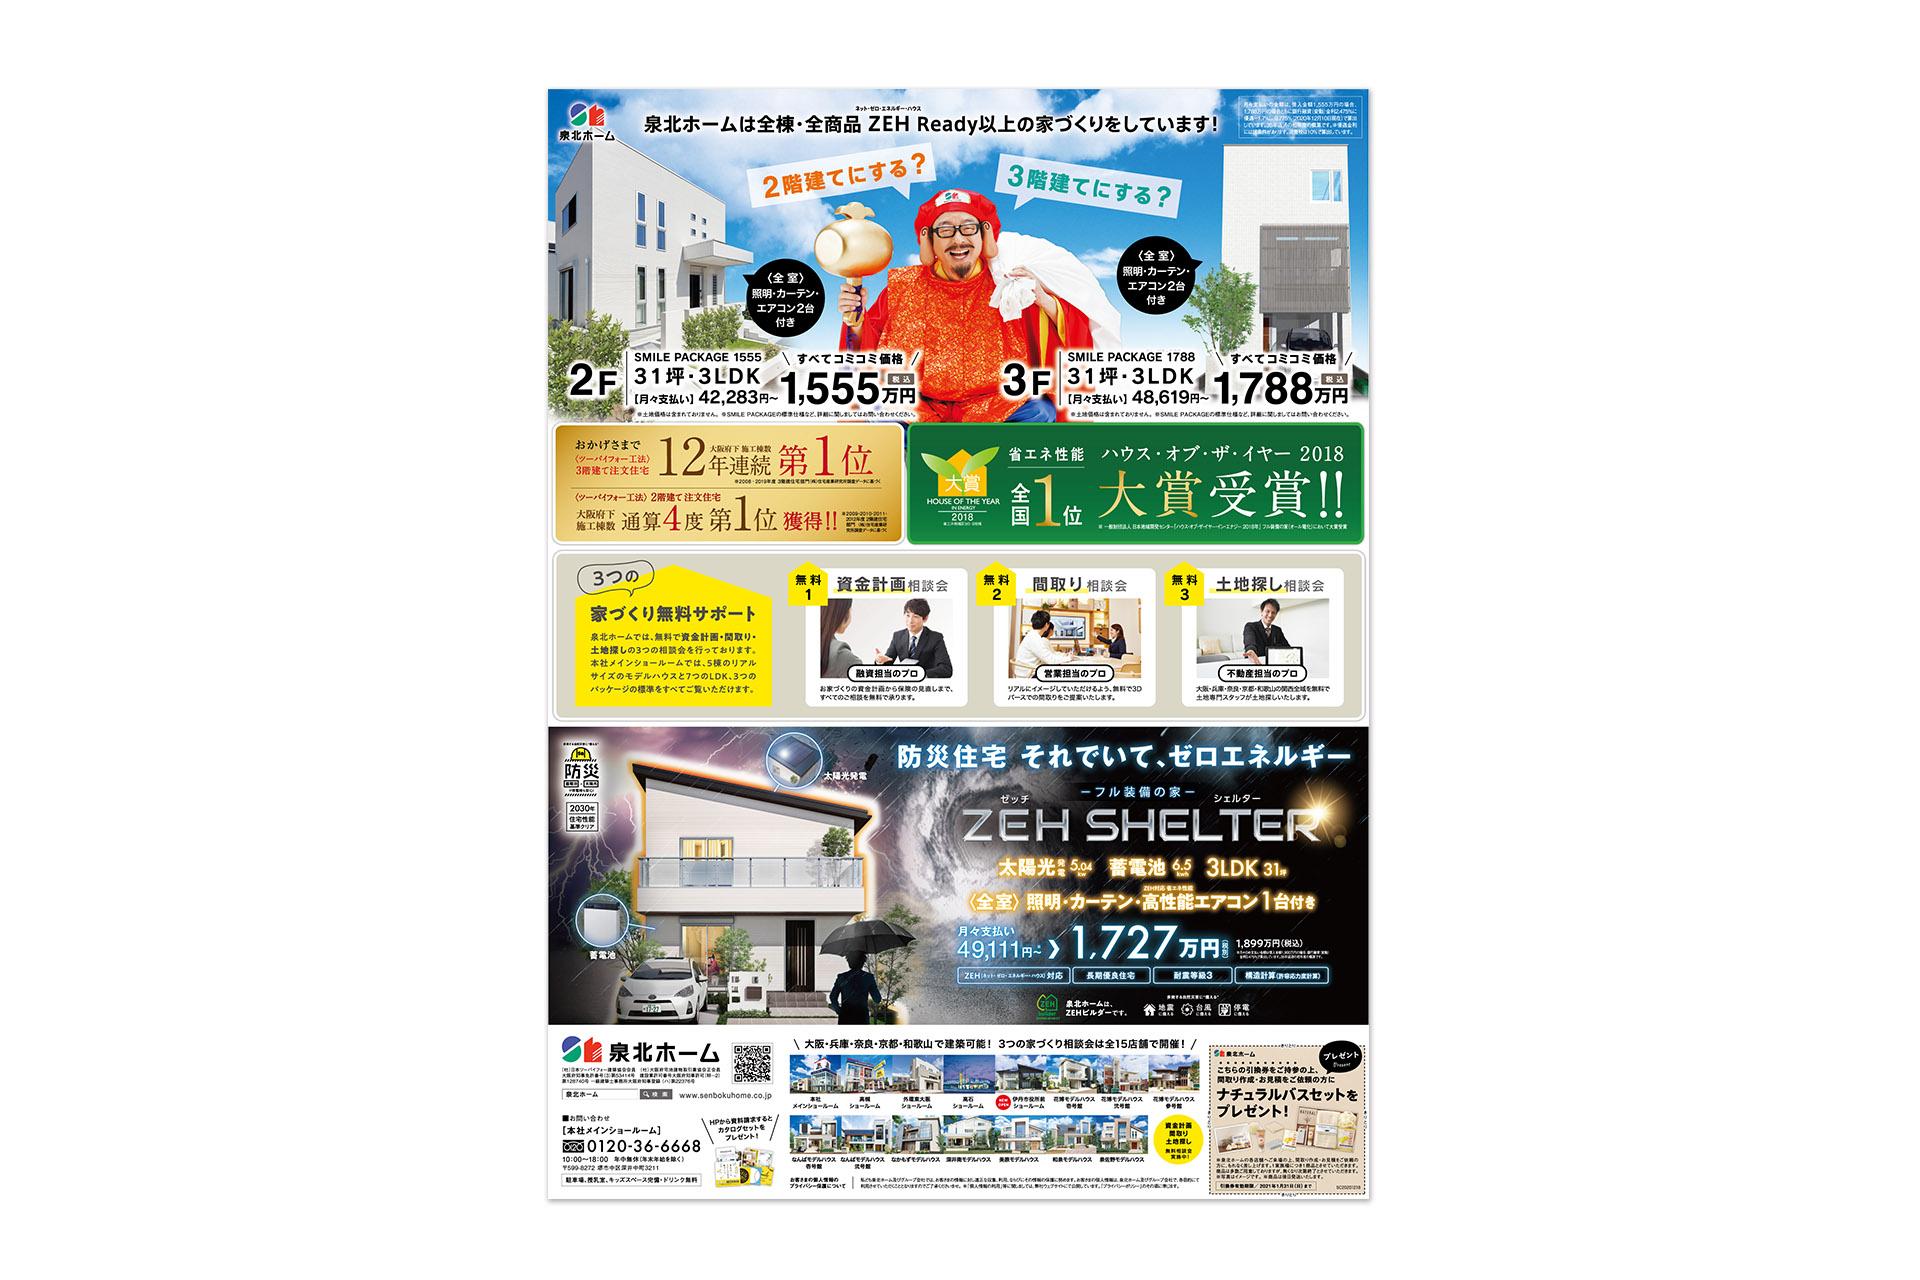 sankei_F15_4C_20201218